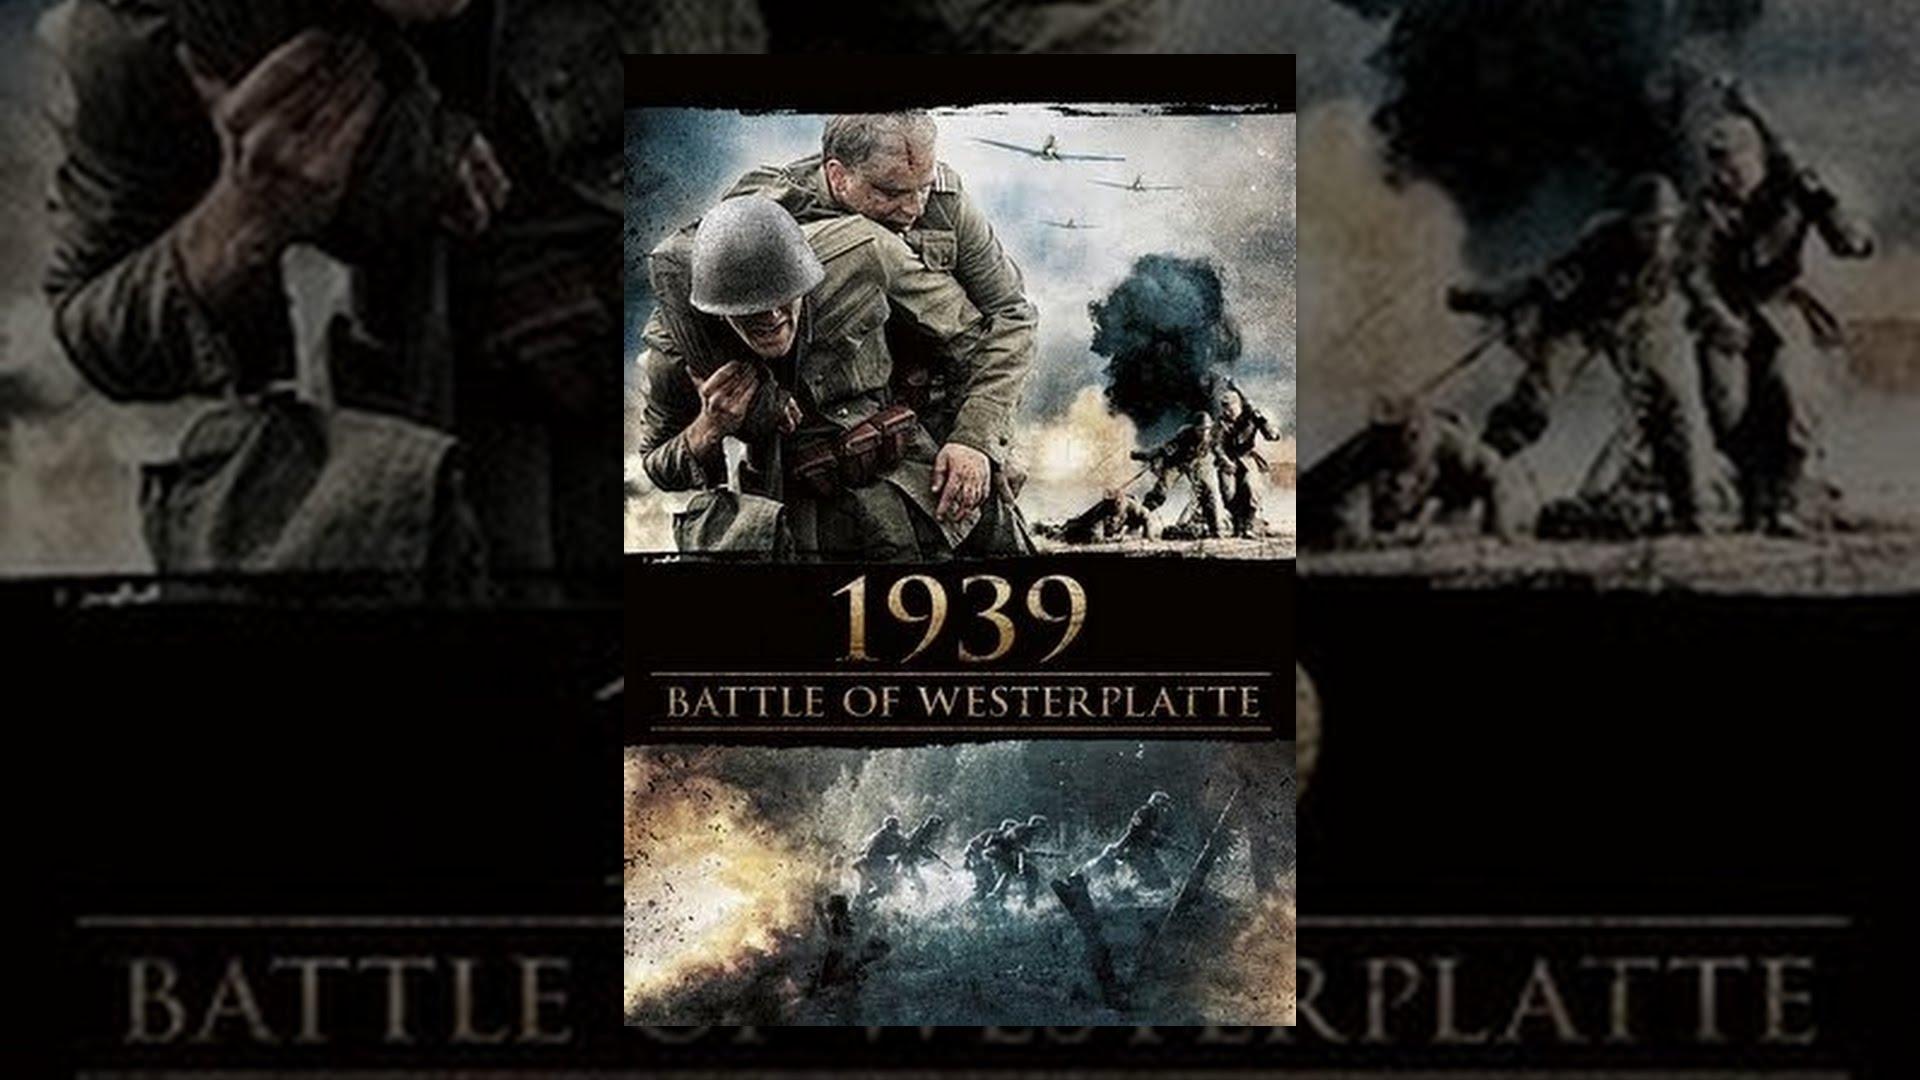 1939 Battle Westerplatte 2013